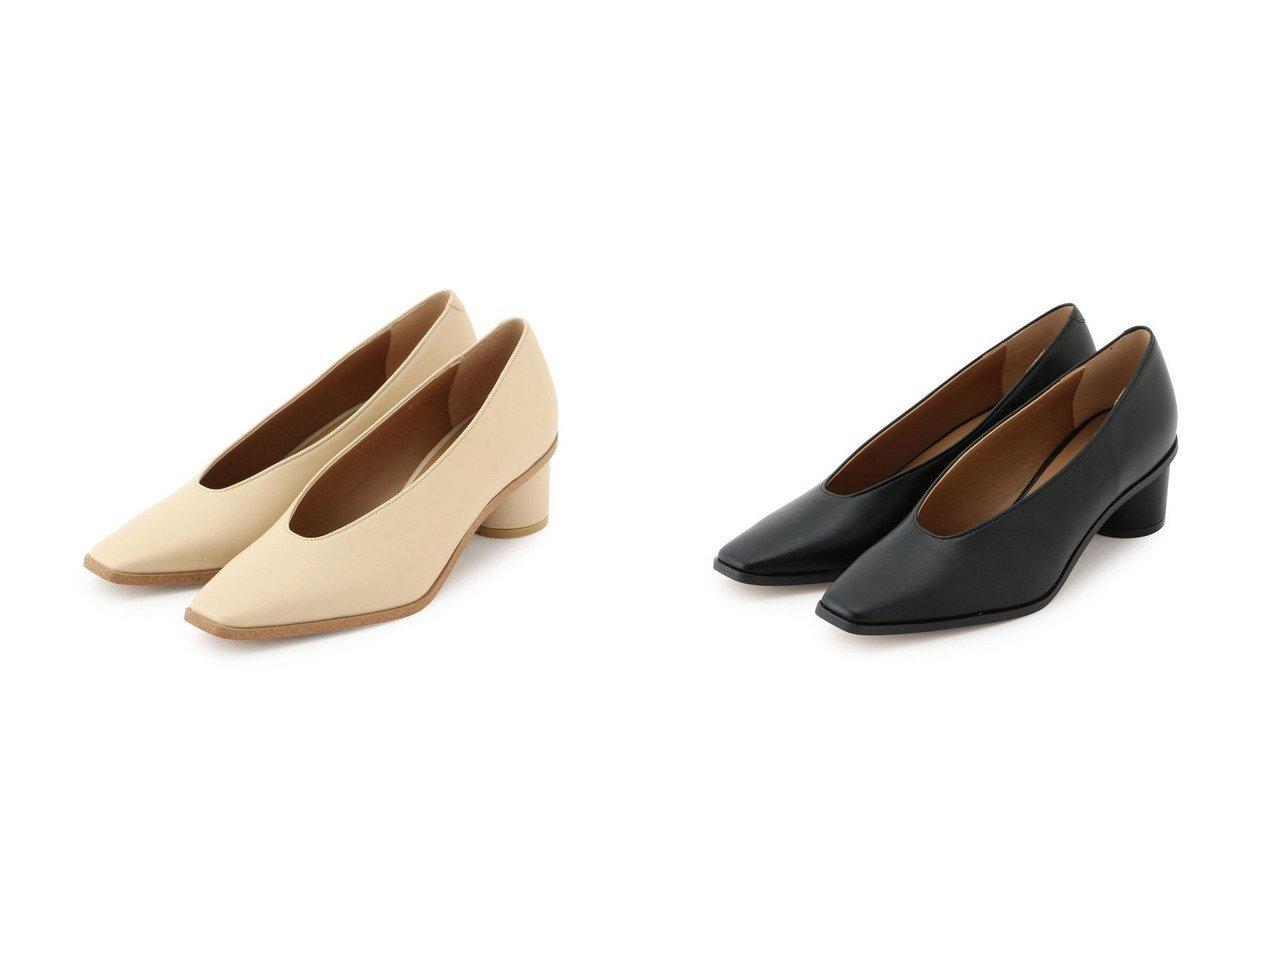 【Adam et Rope/アダム エ ロペ】のスクエアスリットカットシューズ シューズ・靴のおすすめ!人気、トレンド・レディースファッションの通販 おすすめで人気の流行・トレンド、ファッションの通販商品 メンズファッション・キッズファッション・インテリア・家具・レディースファッション・服の通販 founy(ファニー) https://founy.com/ ファッション Fashion レディースファッション WOMEN 2021年 2021 2021 春夏 S/S SS Spring/Summer 2021 S/S 春夏 SS Spring/Summer カッティング シューズ スクエア バランス フォルム ベーシック 春 Spring  ID:crp329100000014684